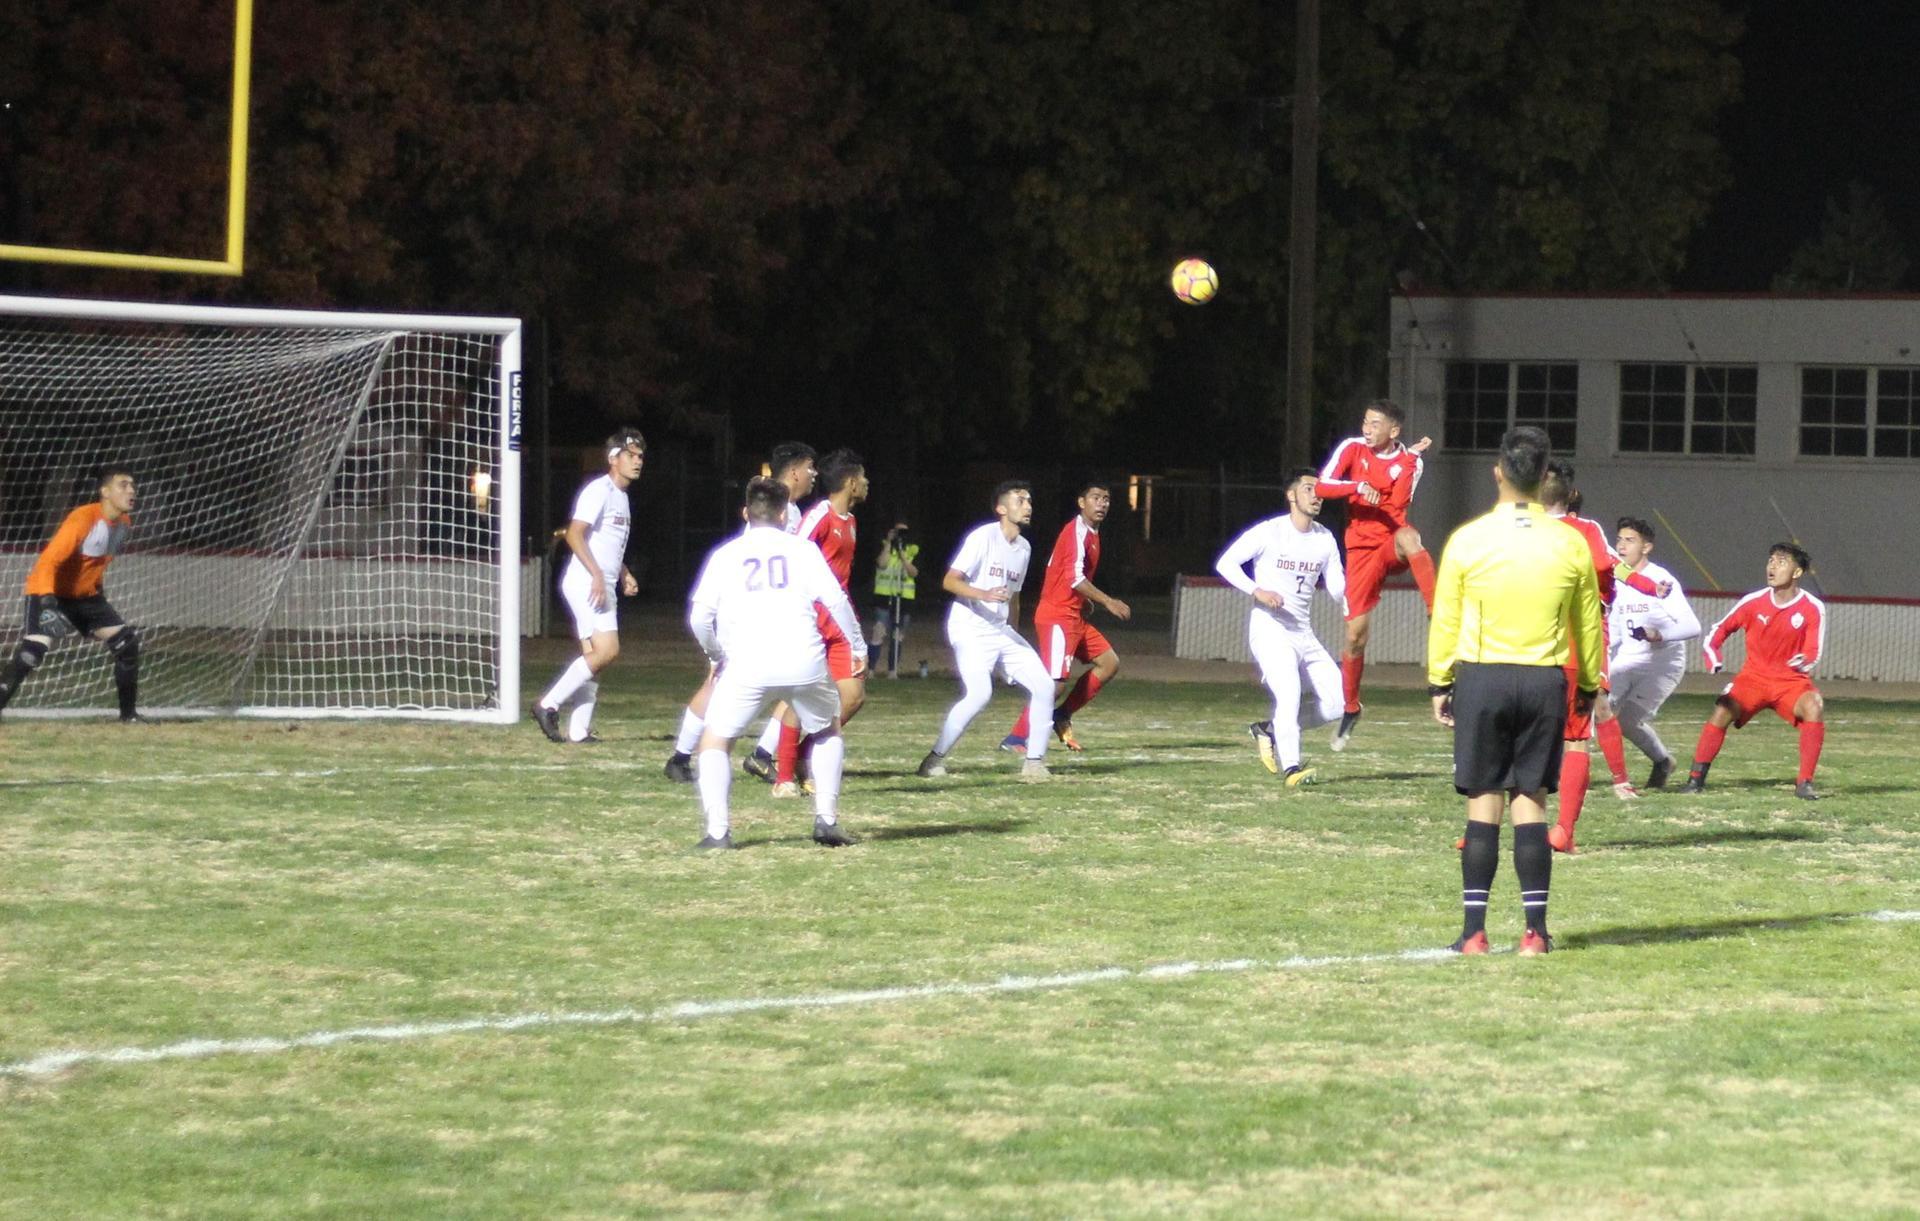 Chowchilla playing offense